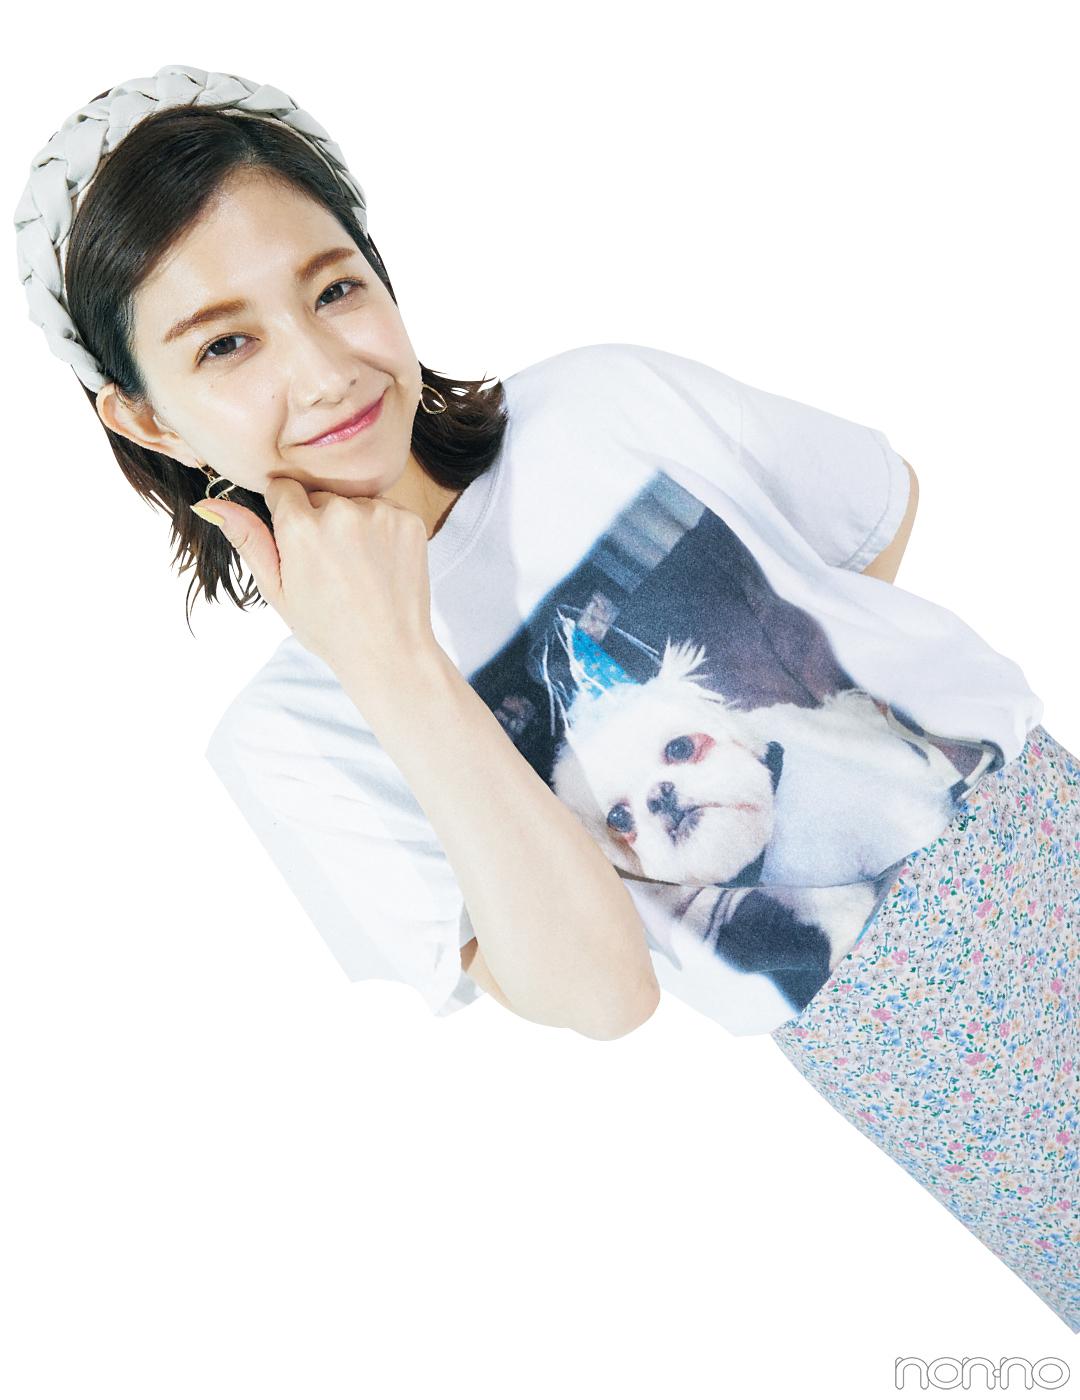 Photo Gallery 渡邉理佐の毎日Tシャツコーデ フォトギャラリー_1_24